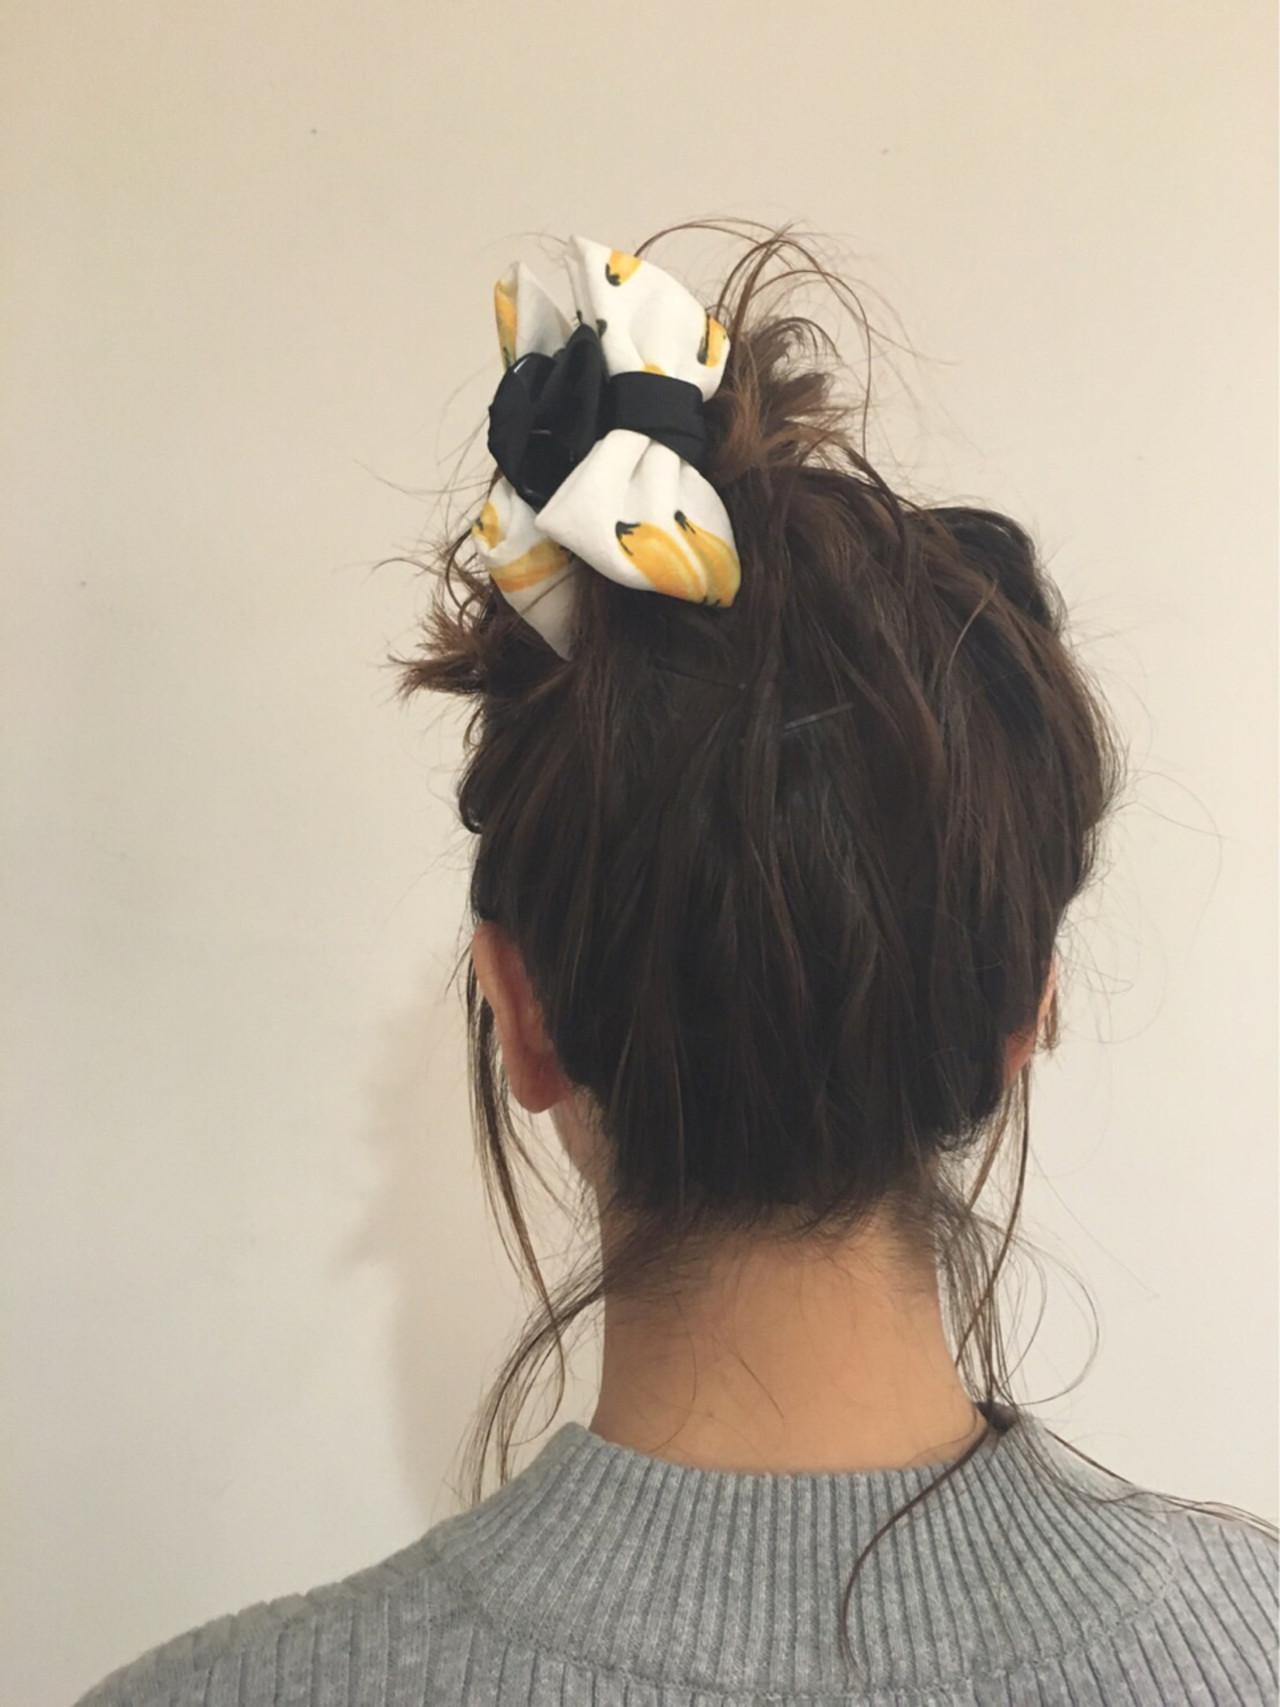 ヘアクリップ ヘアアレンジ ストリート ミディアム ヘアスタイルや髪型の写真・画像